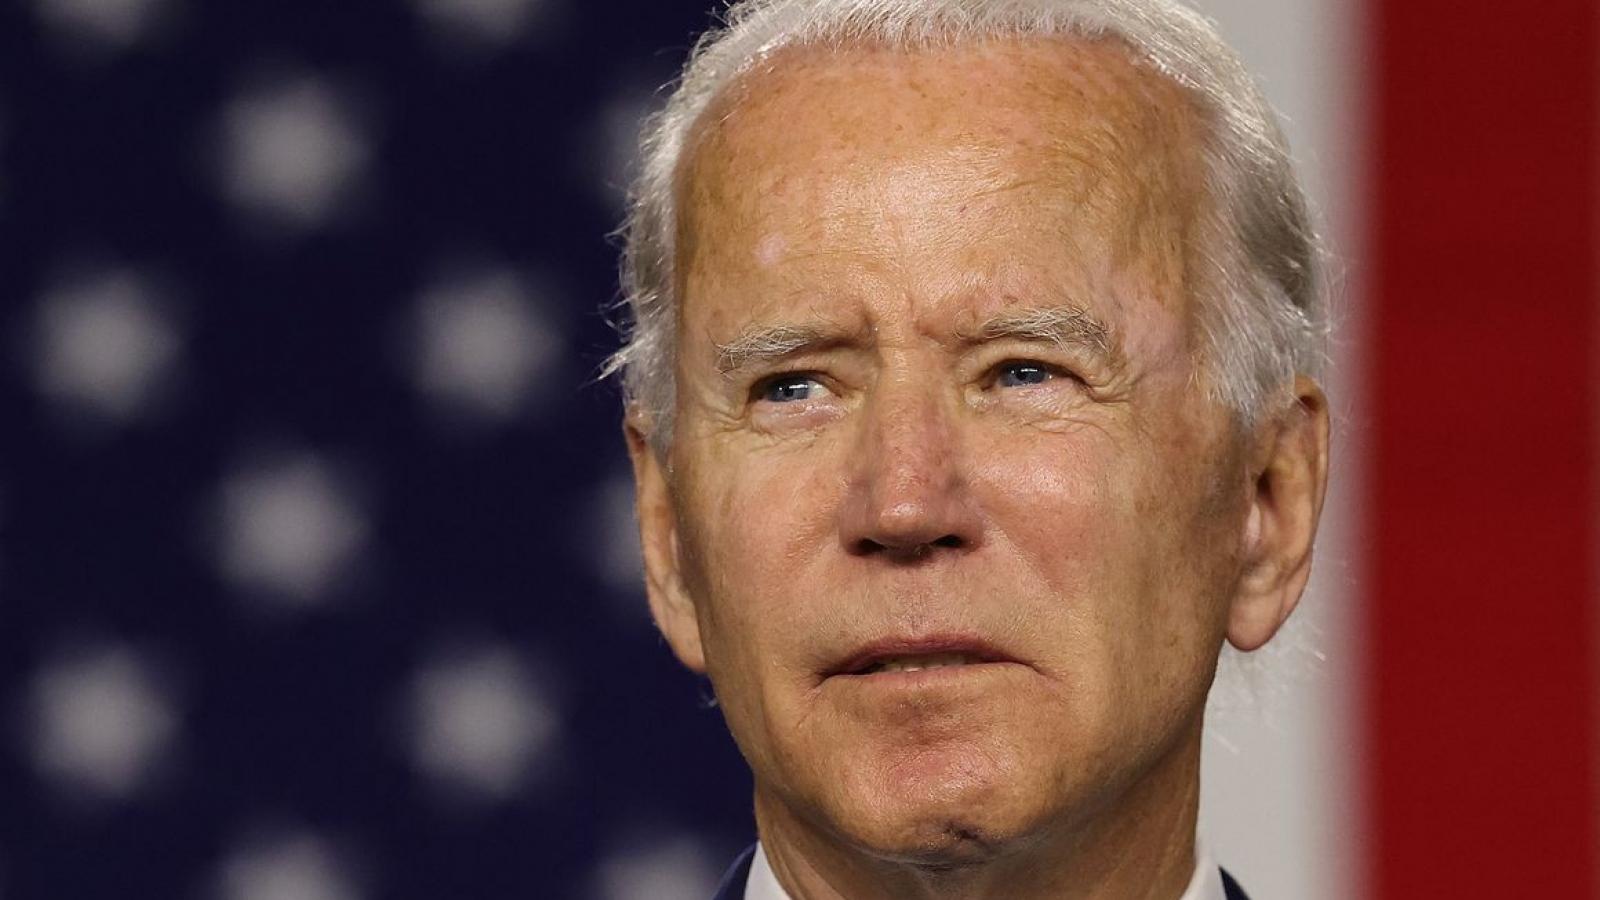 Tổng thống Mỹ tuyên bố sẽ chỉ gỡ bỏ trừng phạt nếu Iran ngừng làm giàu urani